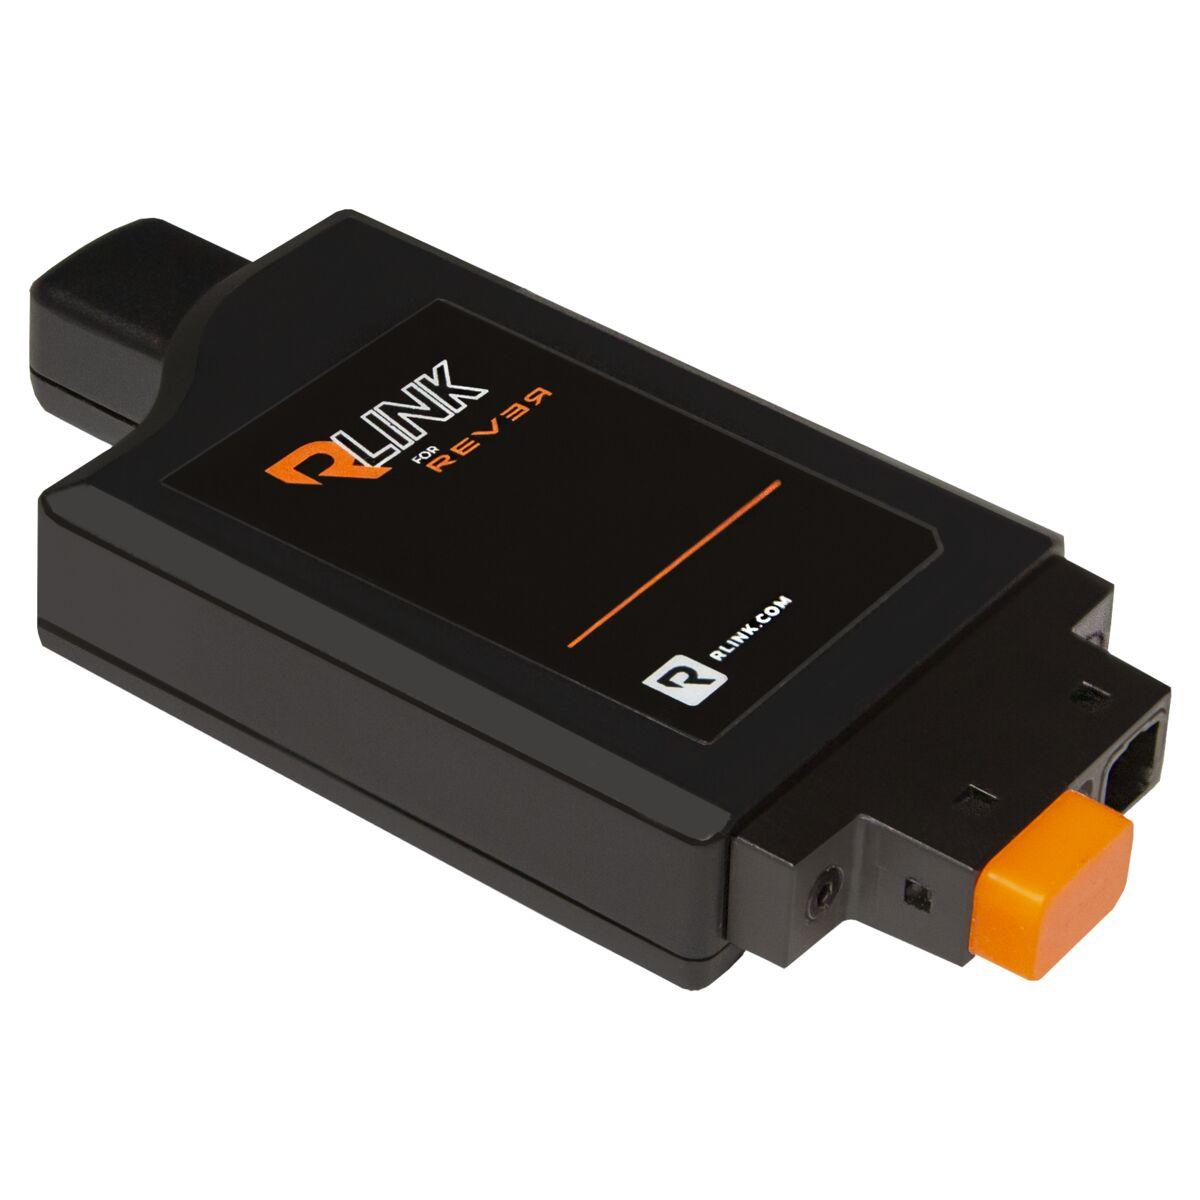 RLink GPS Tracking System